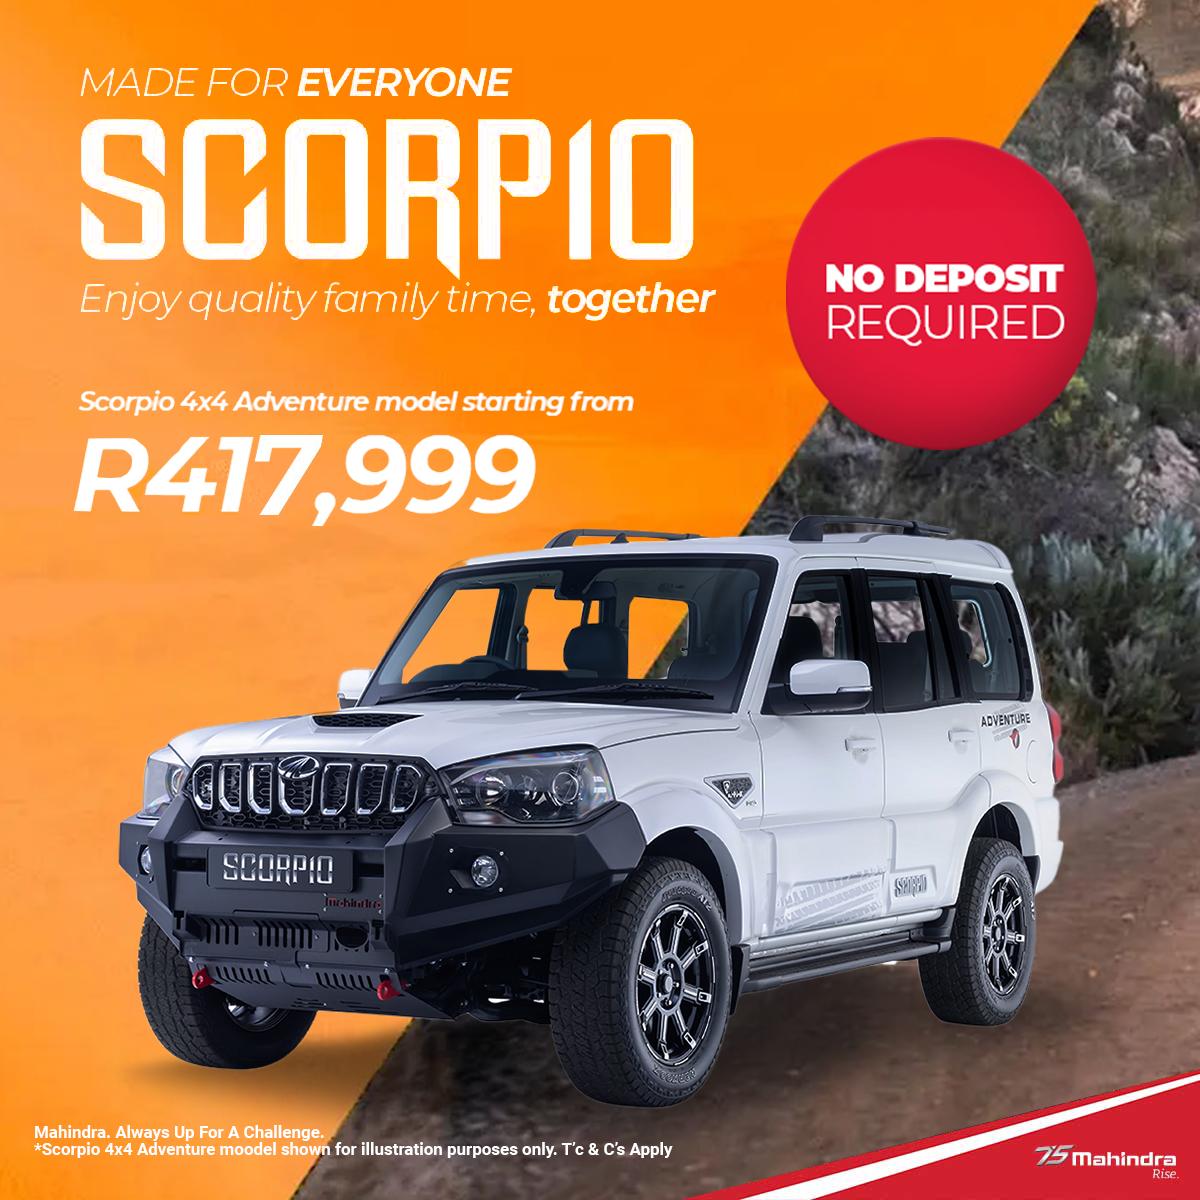 scorpio-adventure